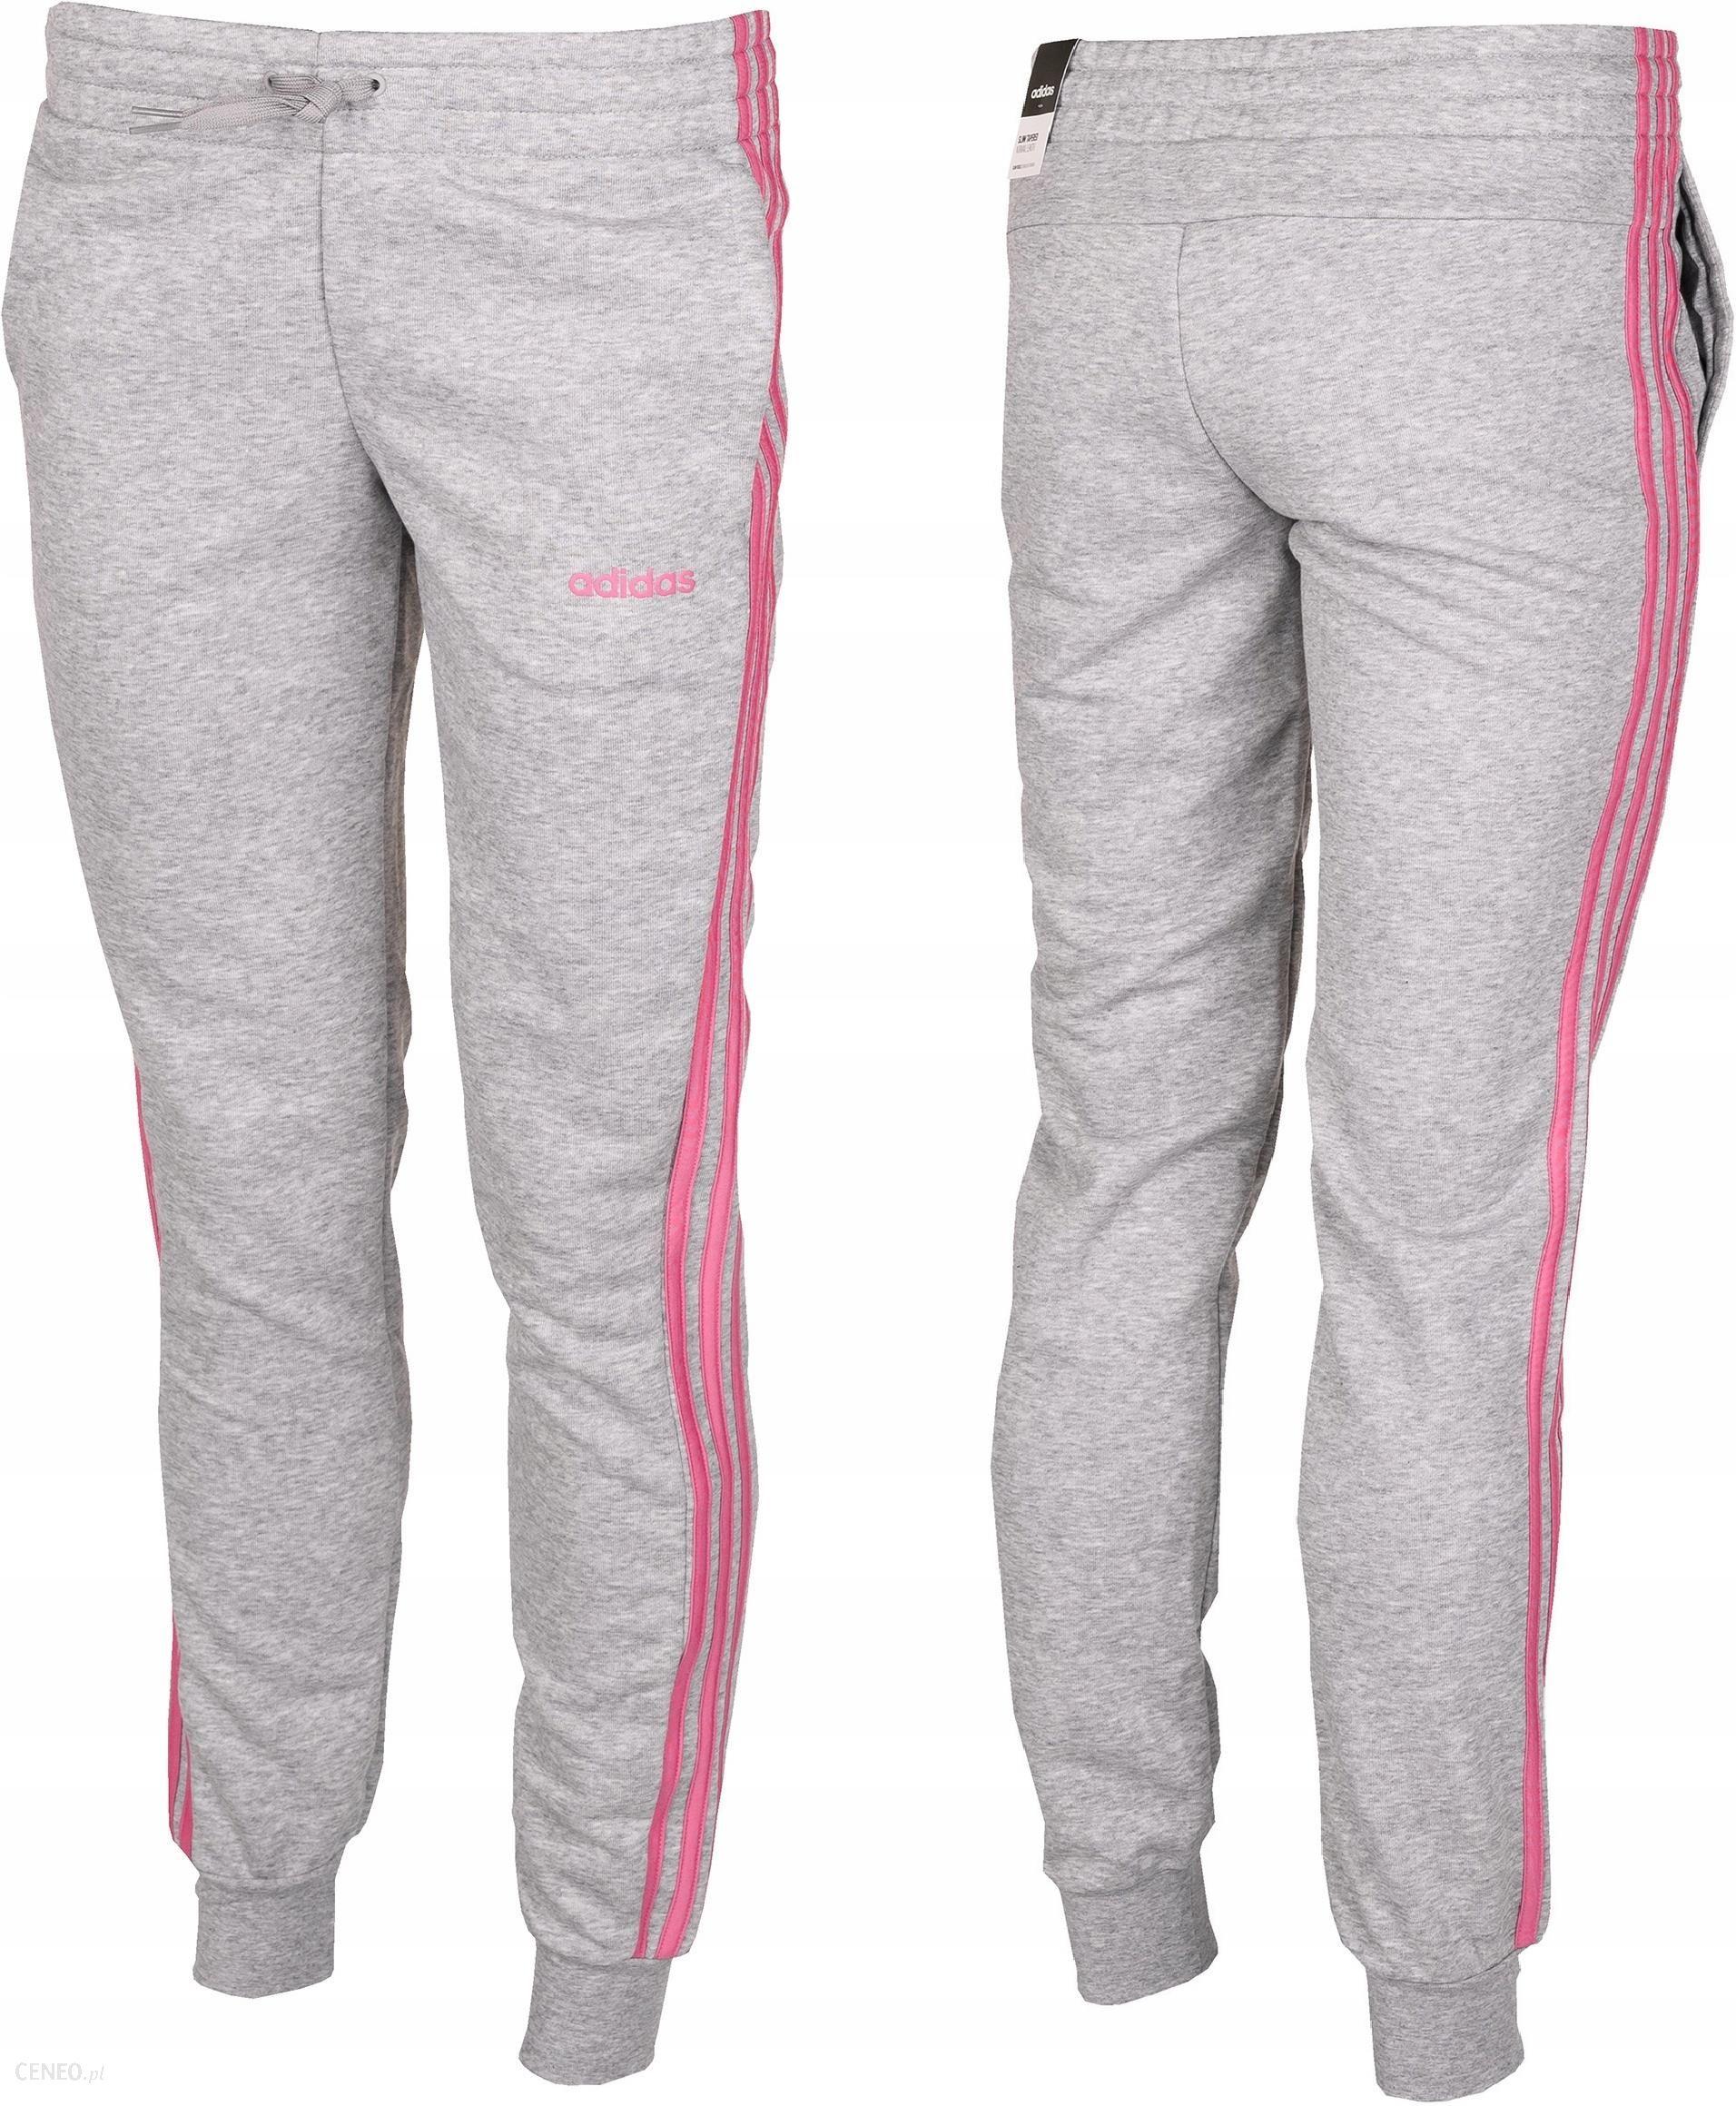 Spodnie adidas Essentials 3 Stripe Knit Damska odzież